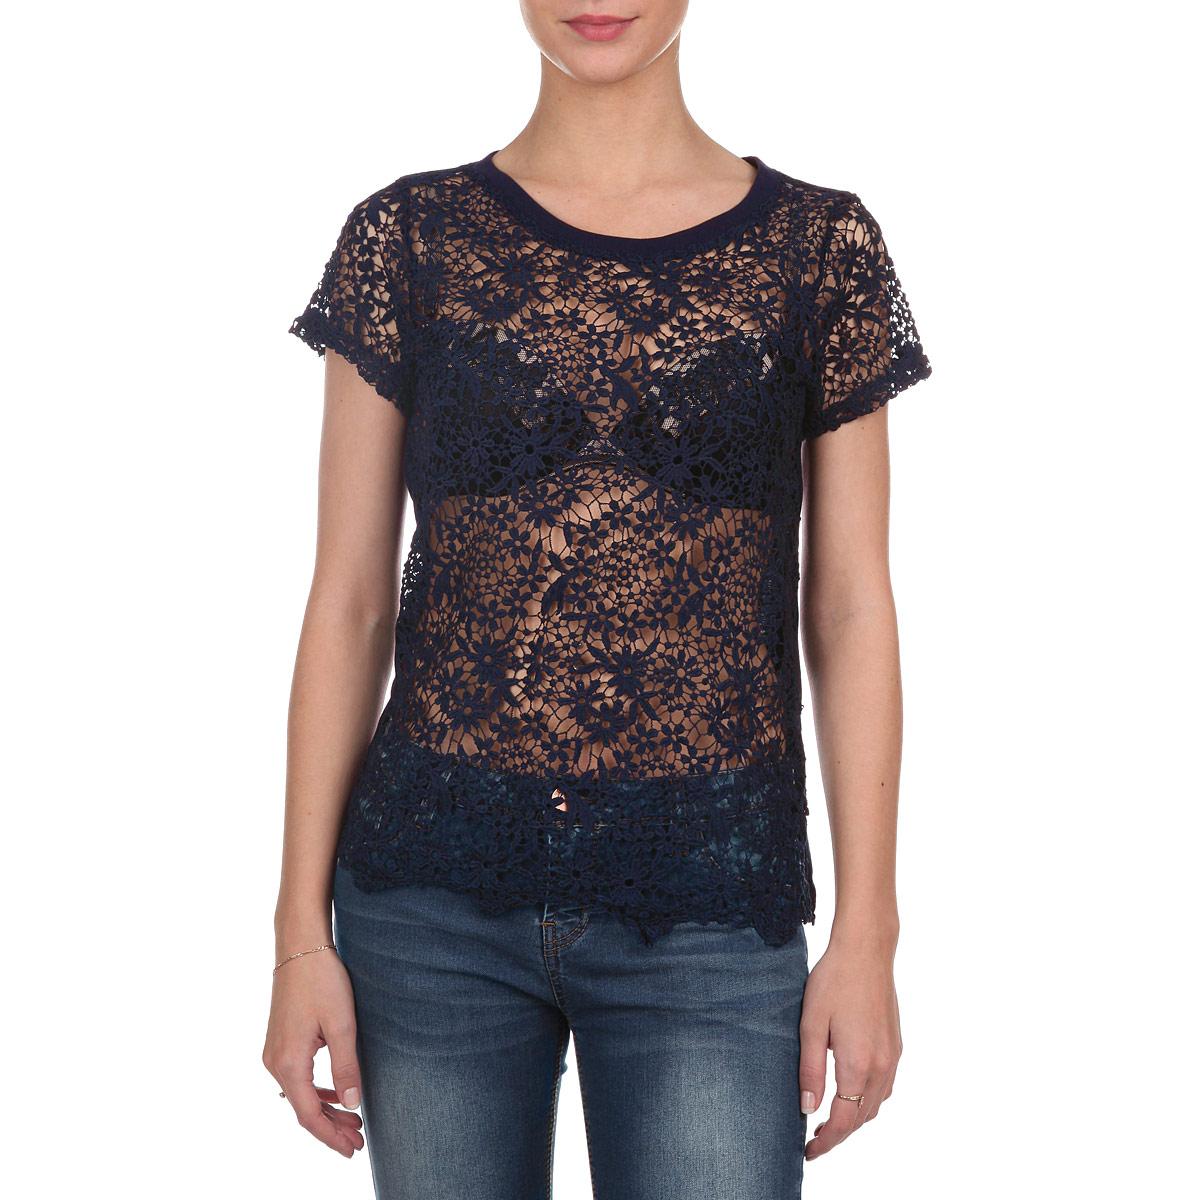 10152682 001Оригинальная женская футболка Broadway, выполненная из комбинации двух материалов - полиэстера и вискозы, позволяет коже дышать, не сковывает движения, обеспечивая комфорт при носке. Модель прямого кроя с круглым вырезом горловины и короткими рукавами. Перед и рукава футболки выполнены из ажурного кружевного полотна с цветочным узором. Эта модная футболка займет достойное место в вашем гардеробе. Идеальный вариант для создания эффектного образа.